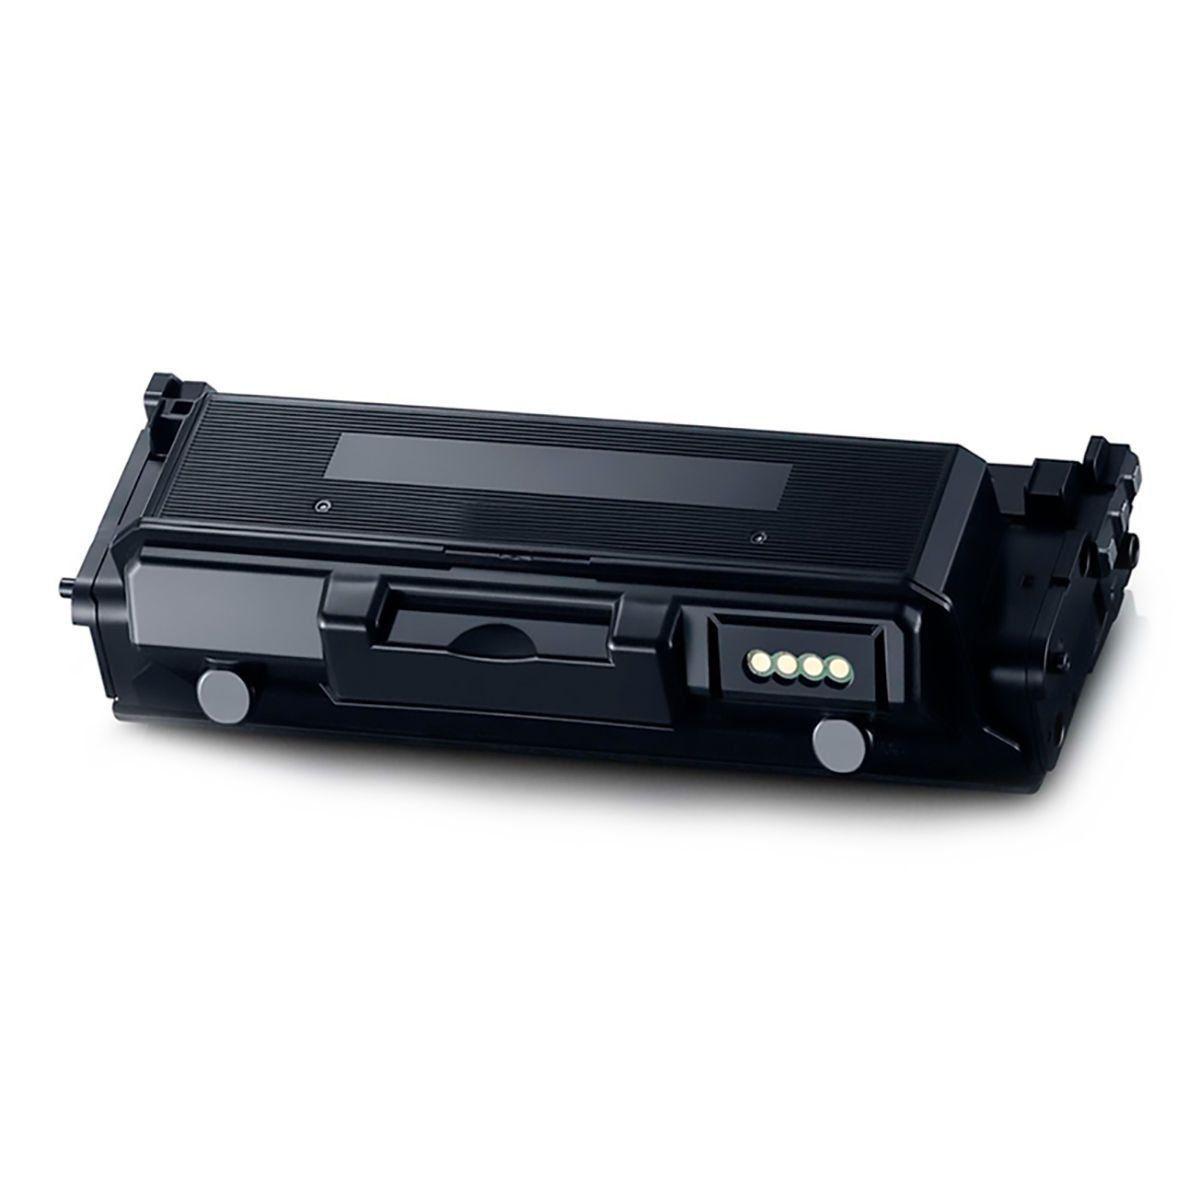 Compatível: Toner D204 D204L para Samsung M3325 M3375 M3825 M3875 M4025 M4075 M3325nd M3825dw M4025nd / Preto / 5.000